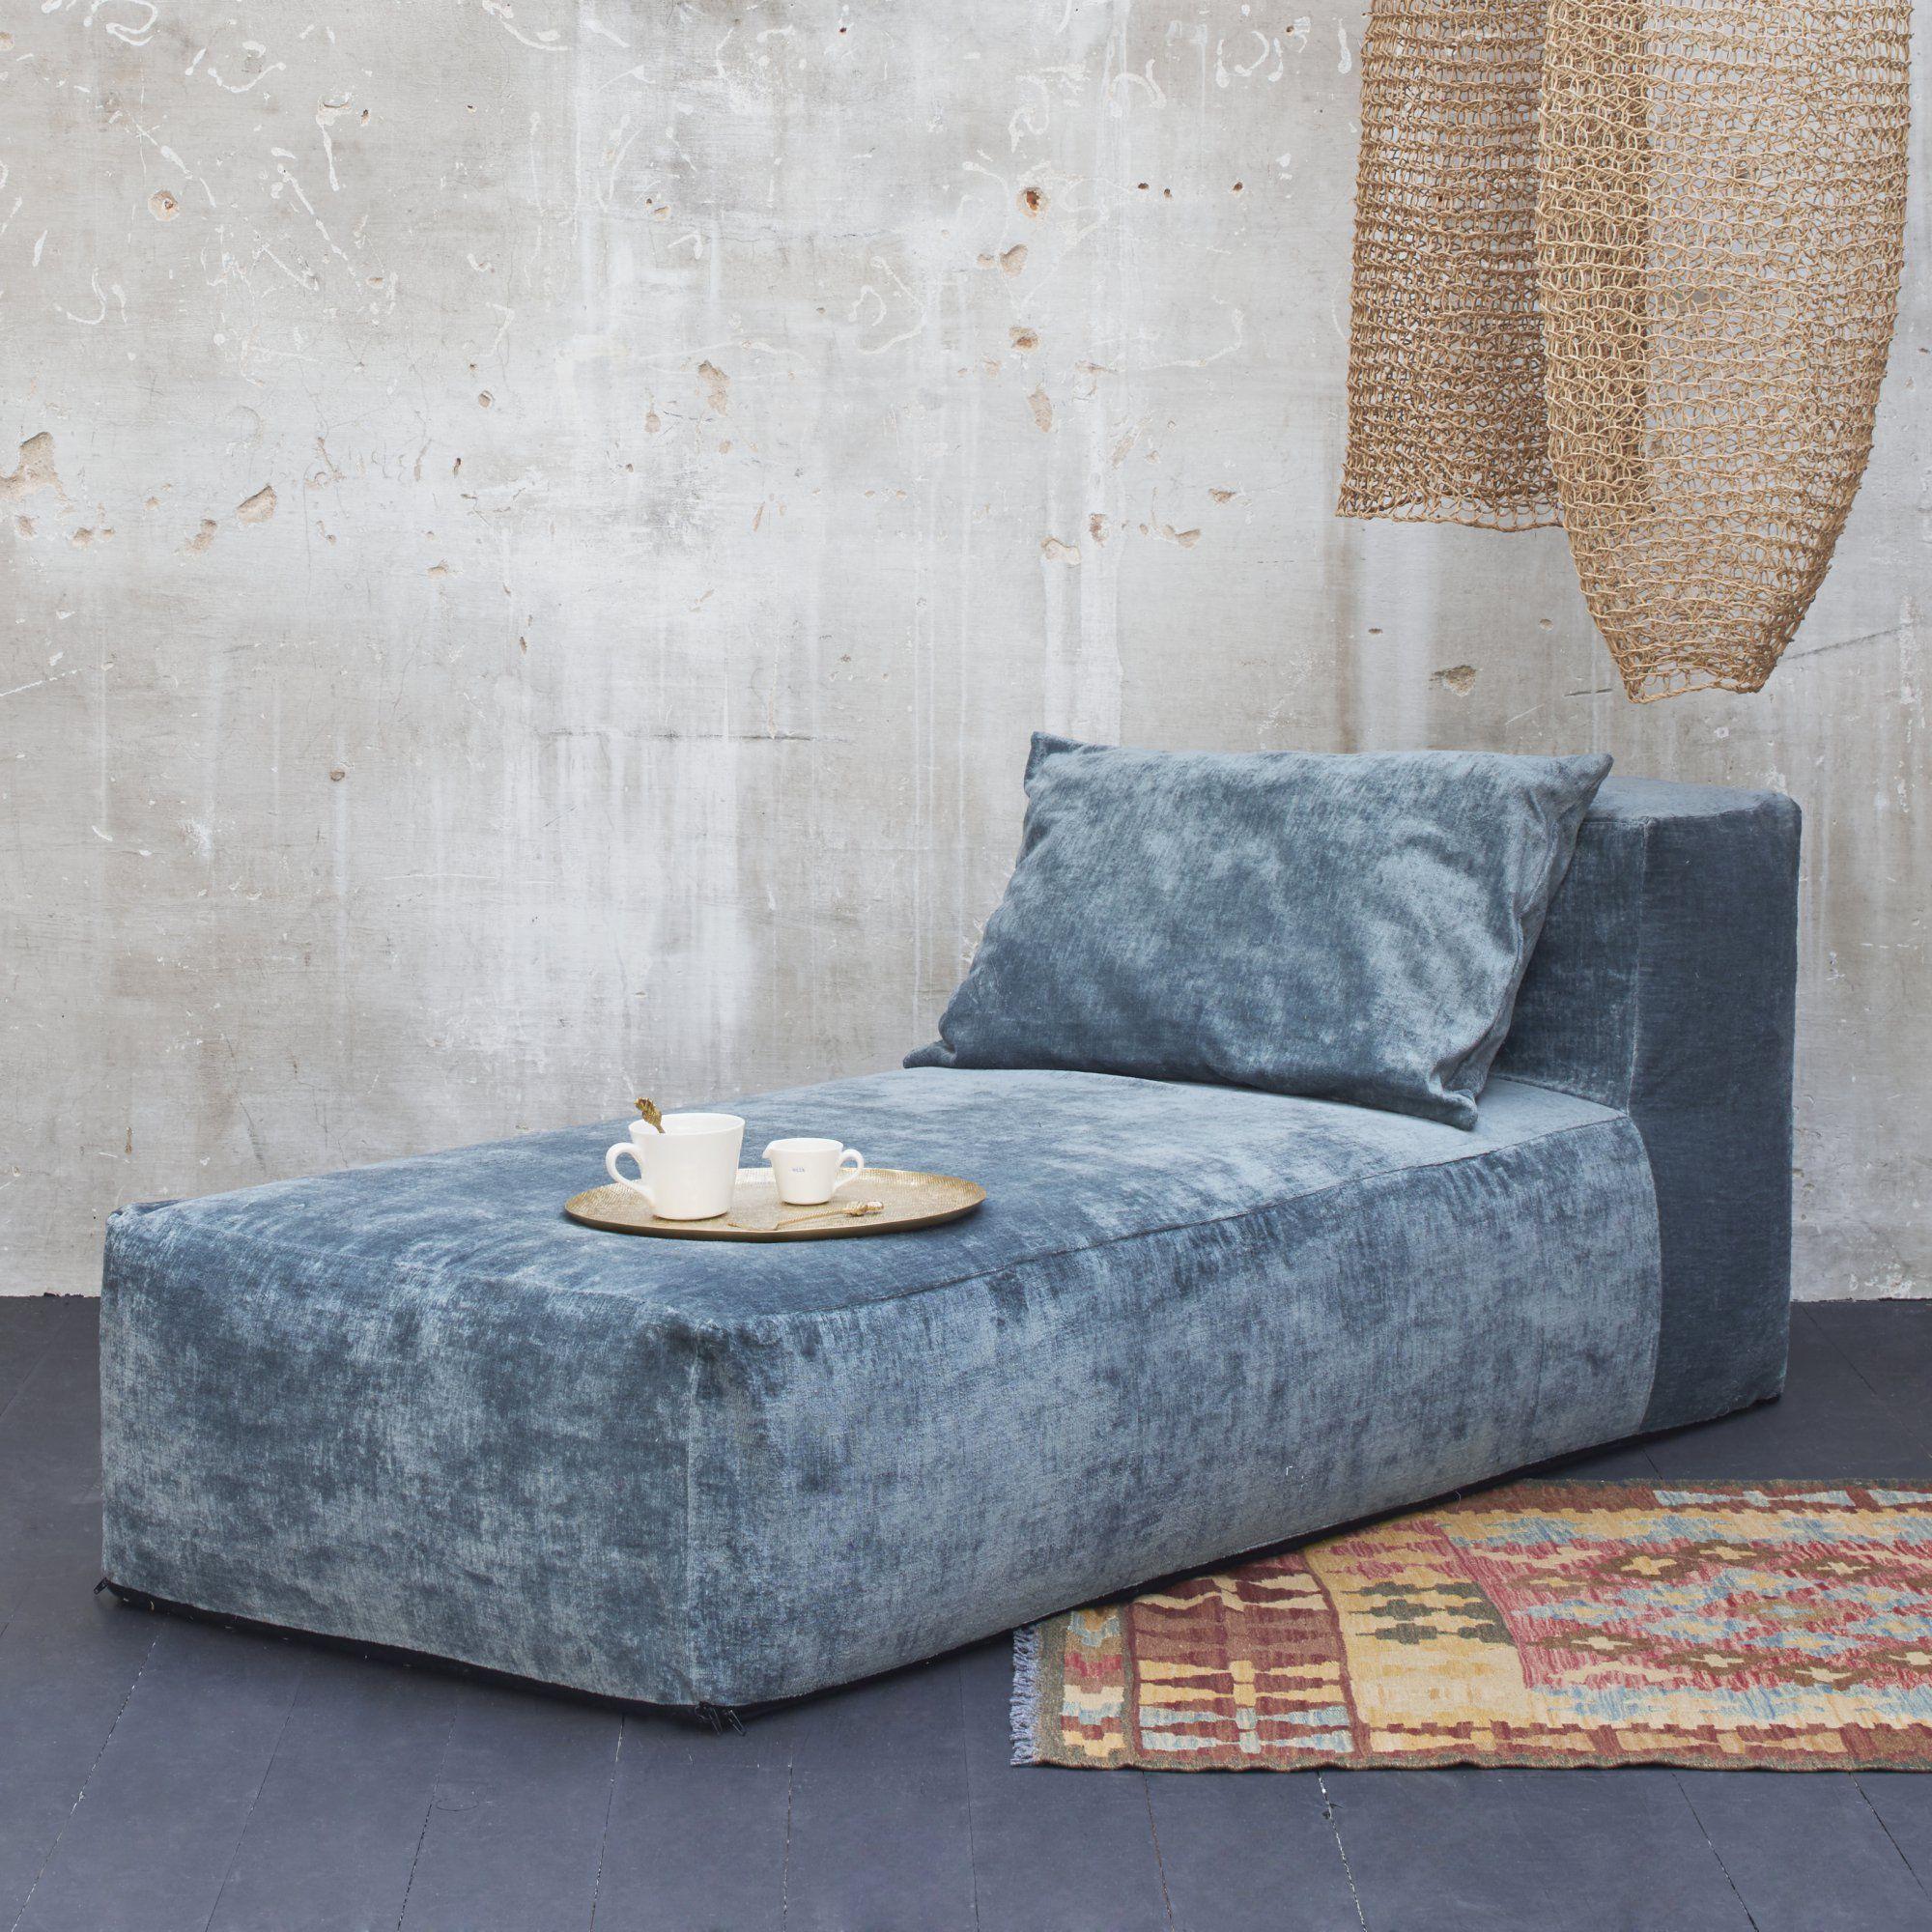 Méri nne en velours bleu gris pour une décoration feutrée et